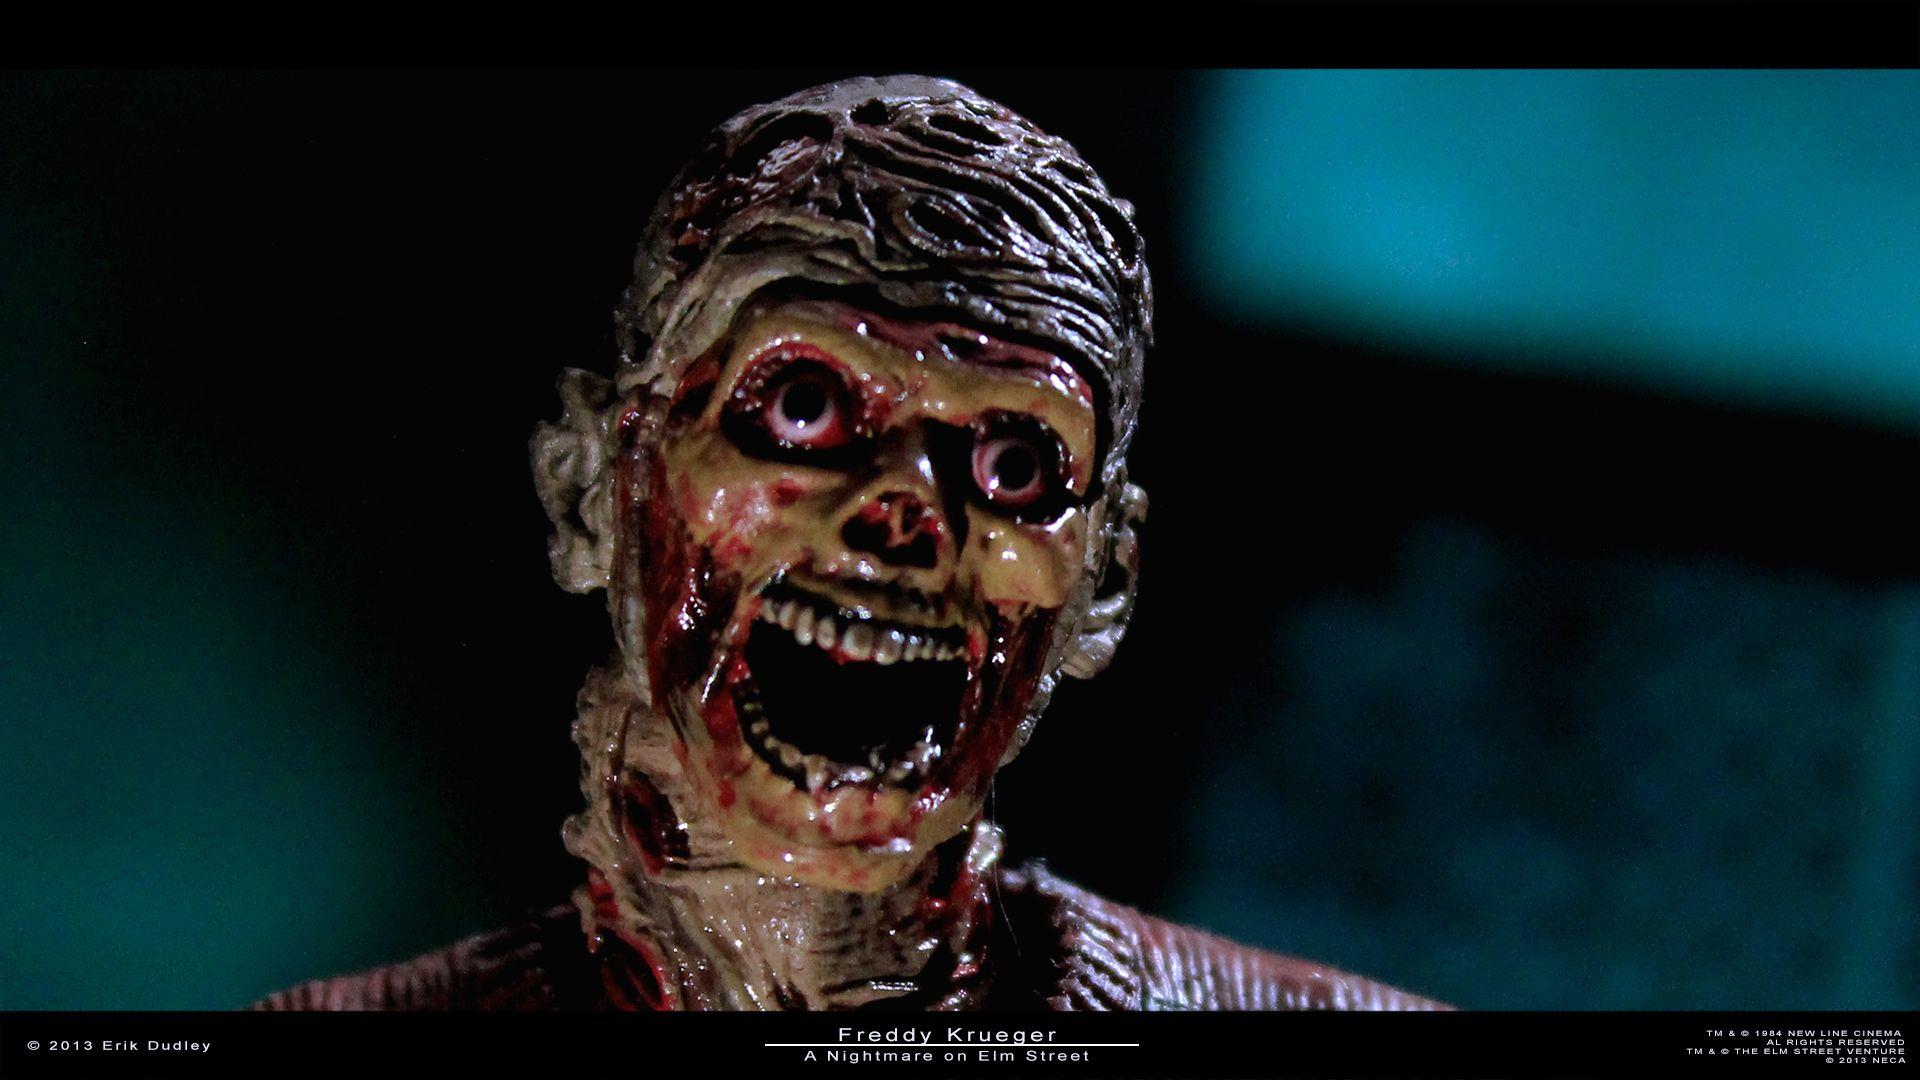 Pin By Pilar Jaramillo On Freddy Krueger Freddy Krueger Nightmare